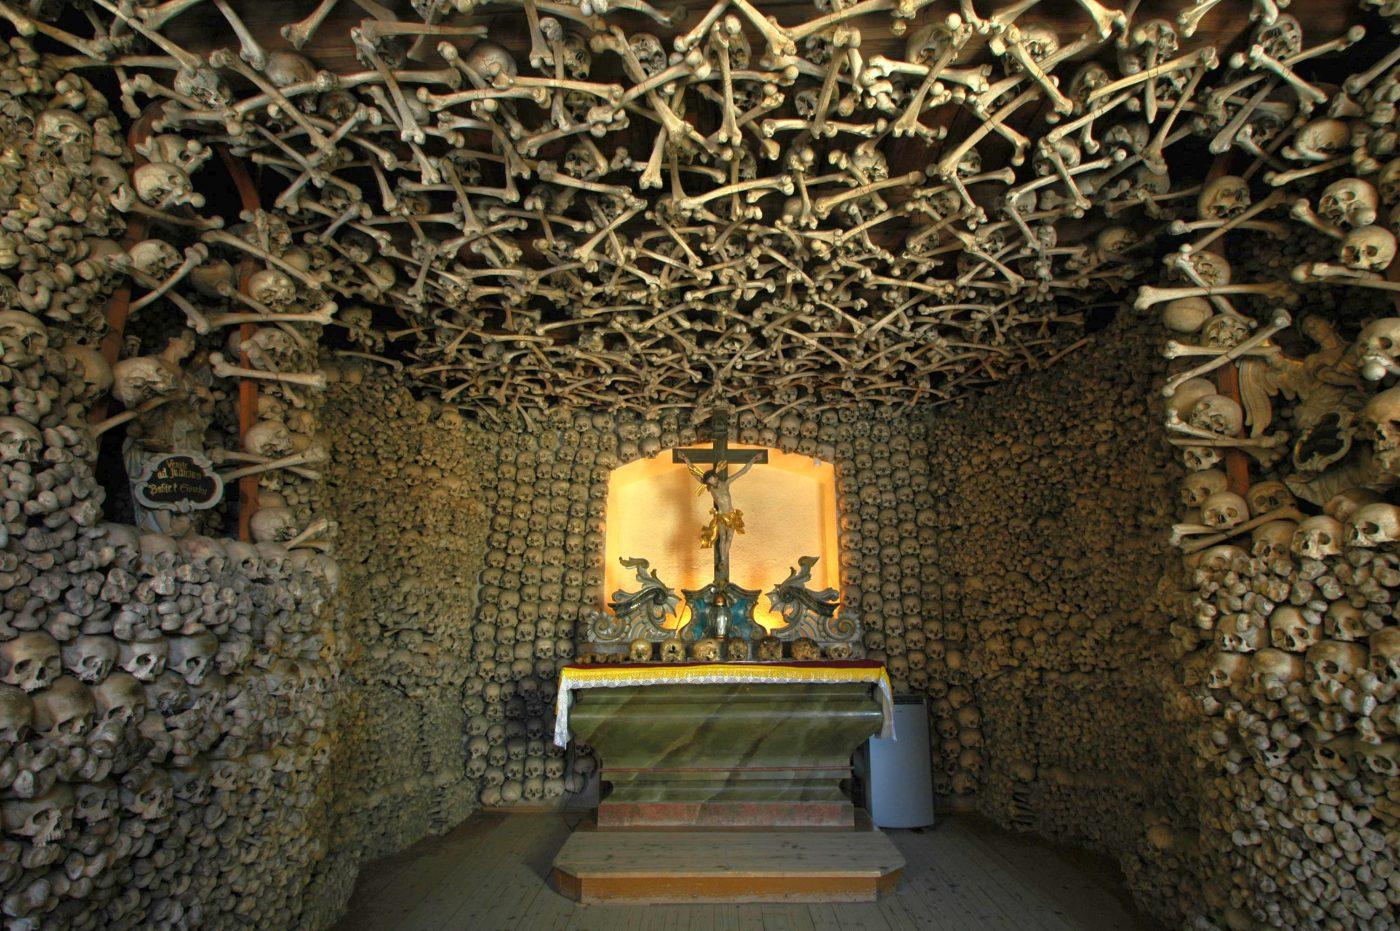 Kaplica Czaszek – refleksyjna atrakcja Kudowy-Zdroju